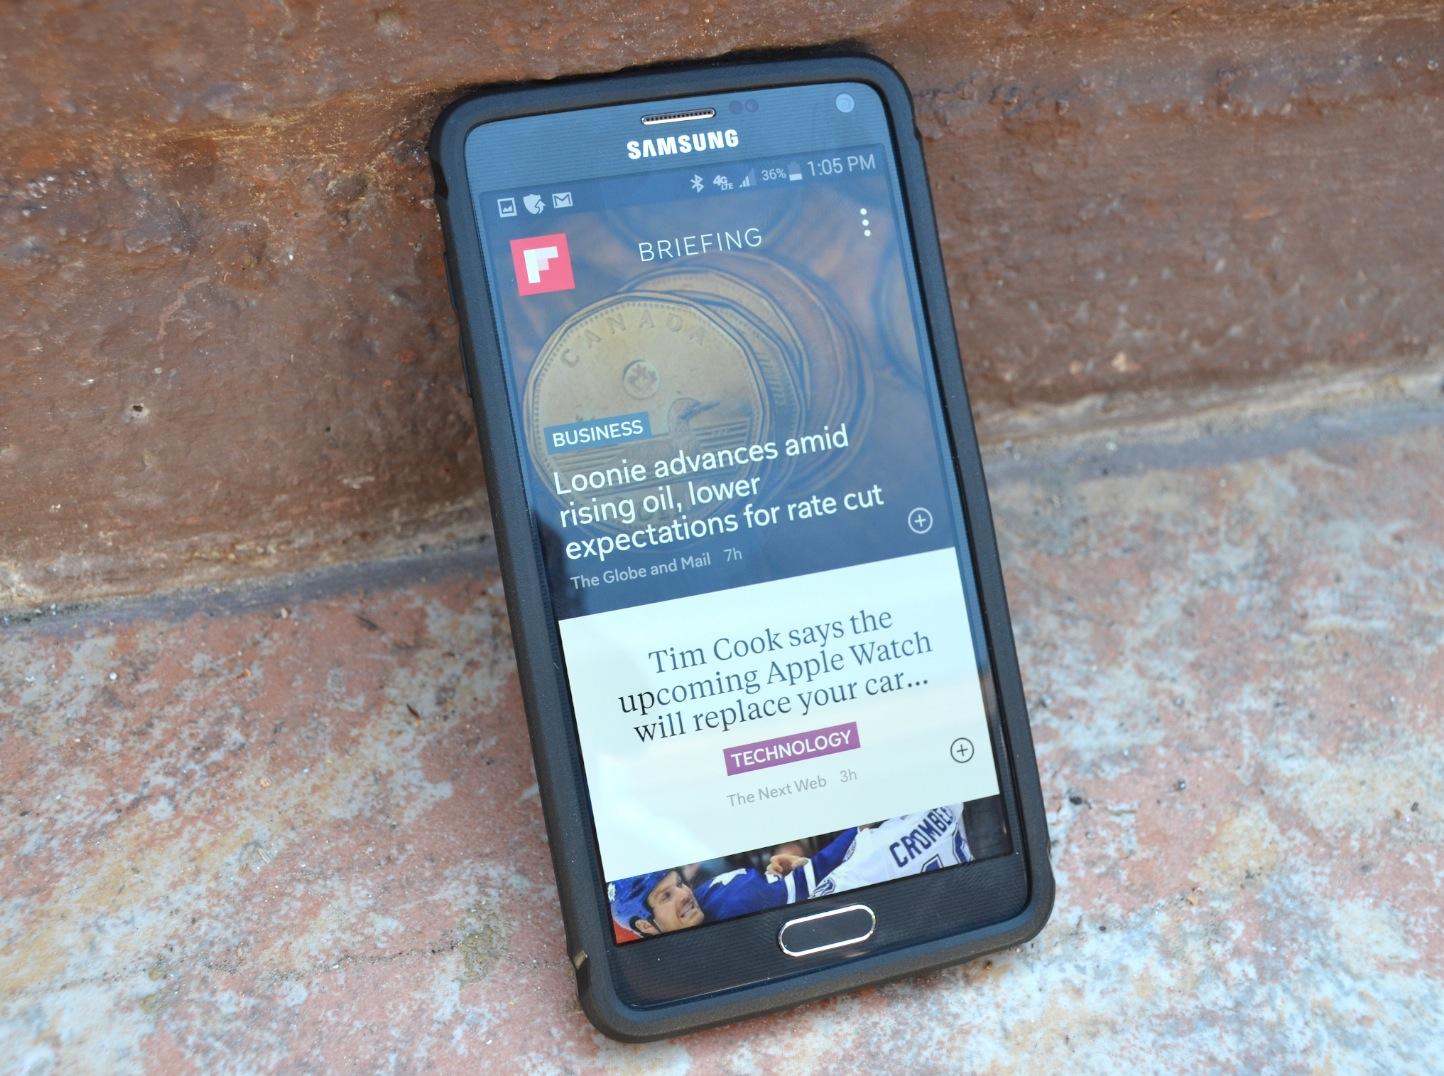 Samsung Galaxy Blocking Mode Samsung Note 4